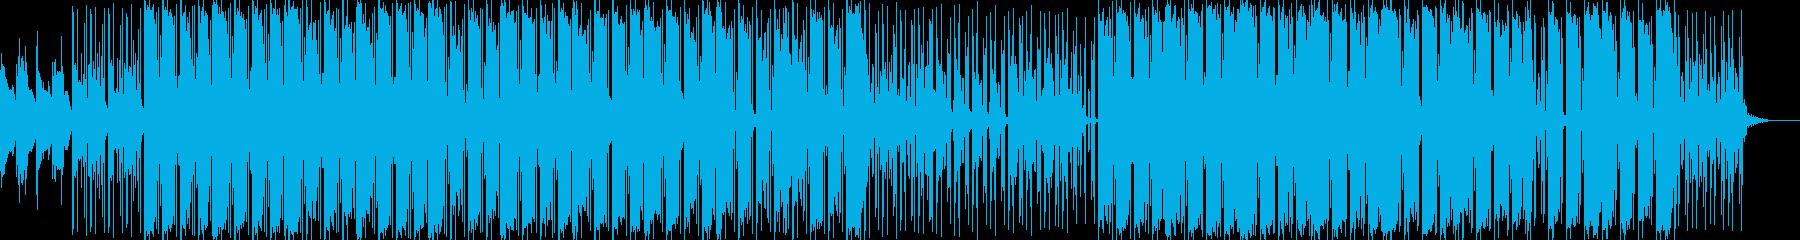 おしゃれで落ち着いた雰囲気のチルアウトの再生済みの波形